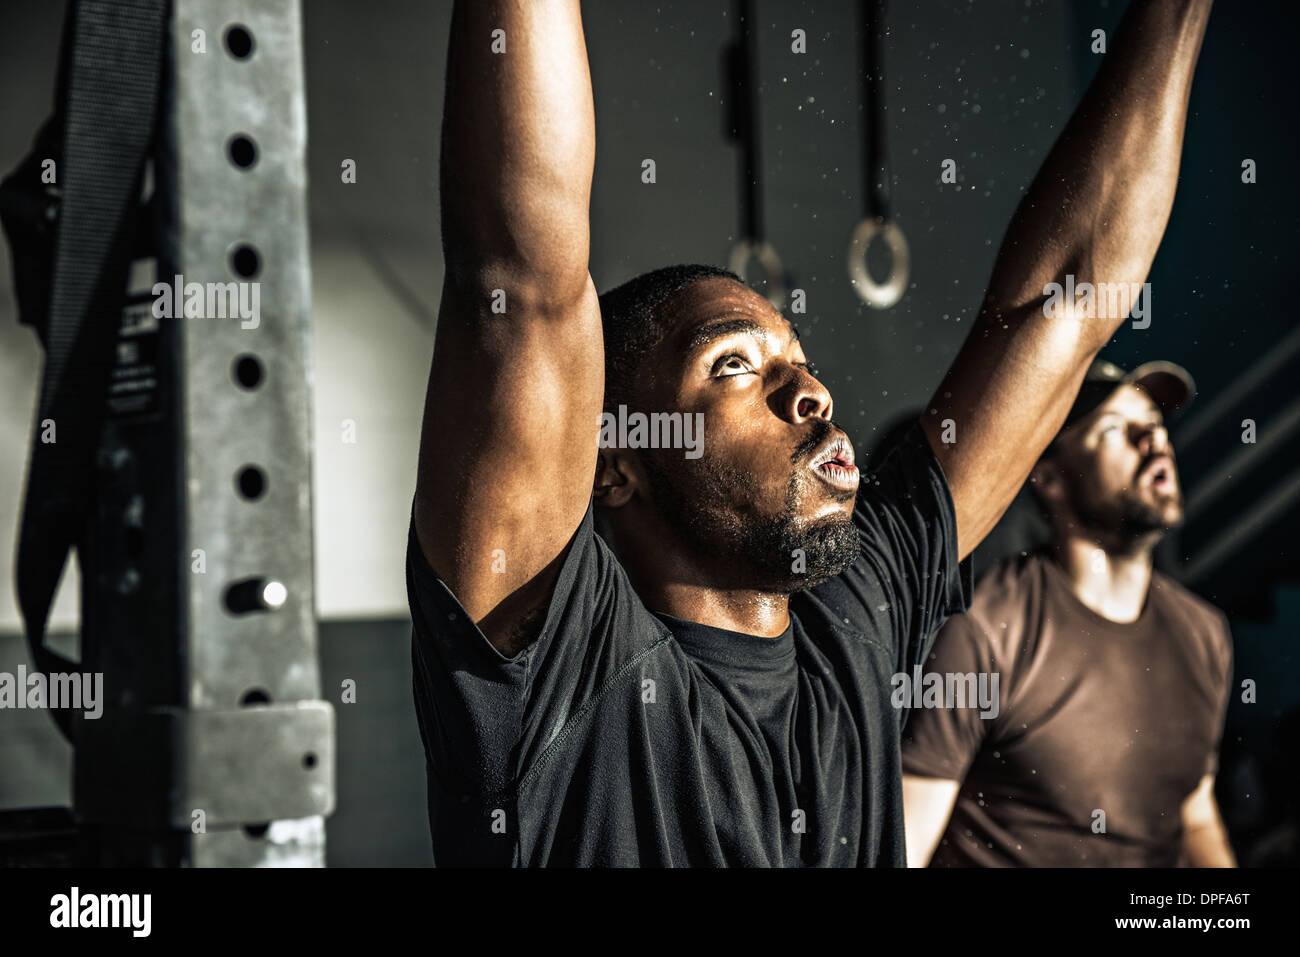 Cerca de la joven formación sobre barra de ejercicio en el gimnasio Imagen De Stock